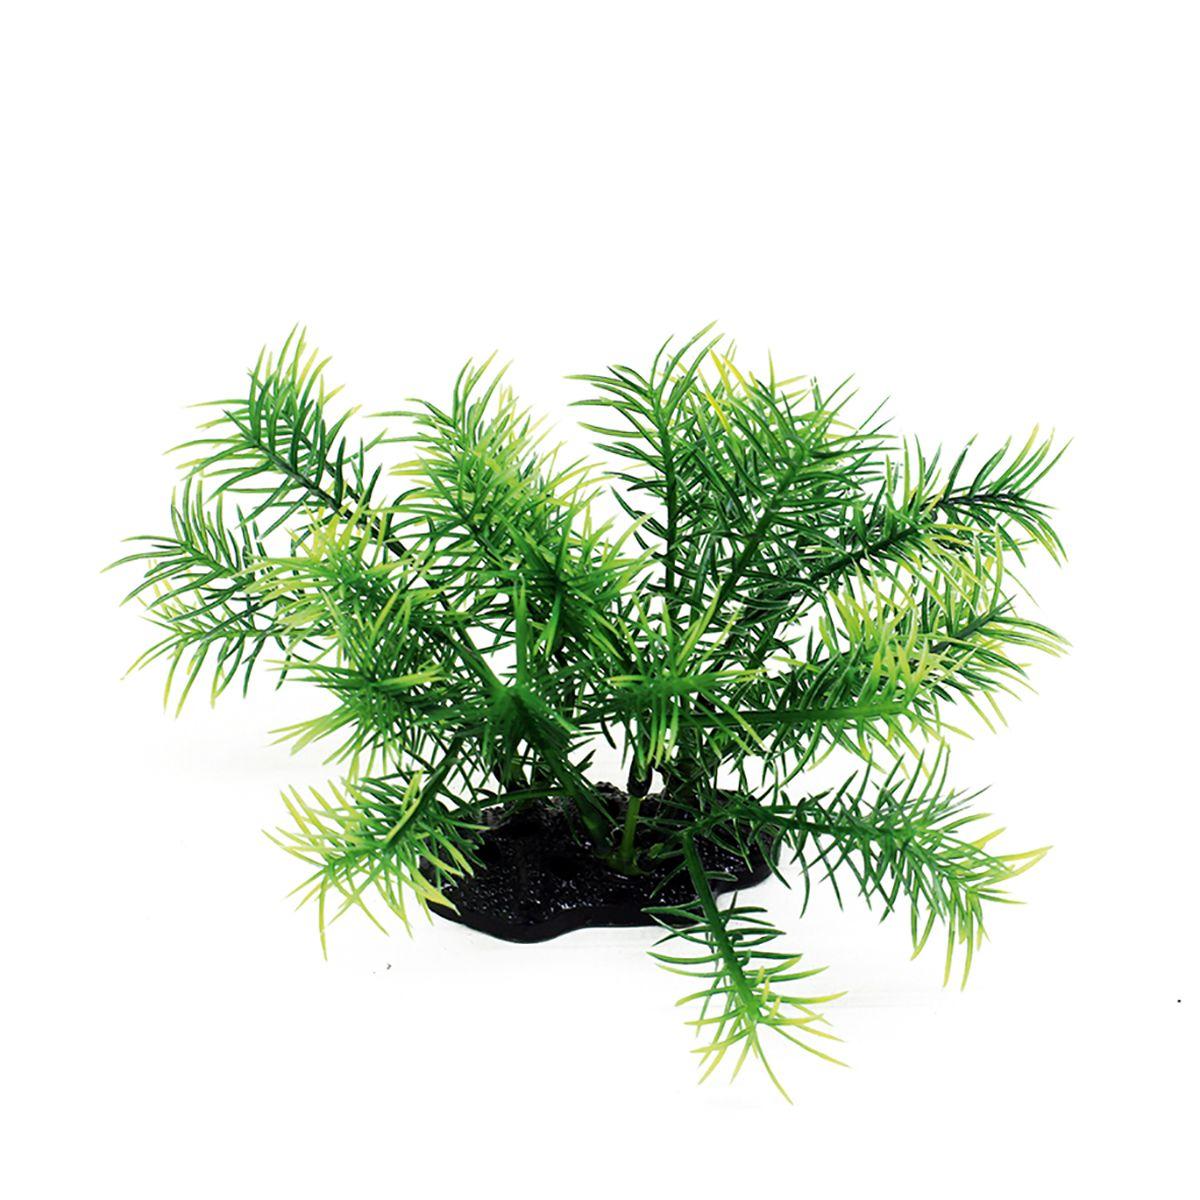 Растение для аквариума ArtUniq Погостемон Эректус, высота 10-12 см0120710Растение для аквариума ArtUniq Погостемон Эректус, высота 10-12 см